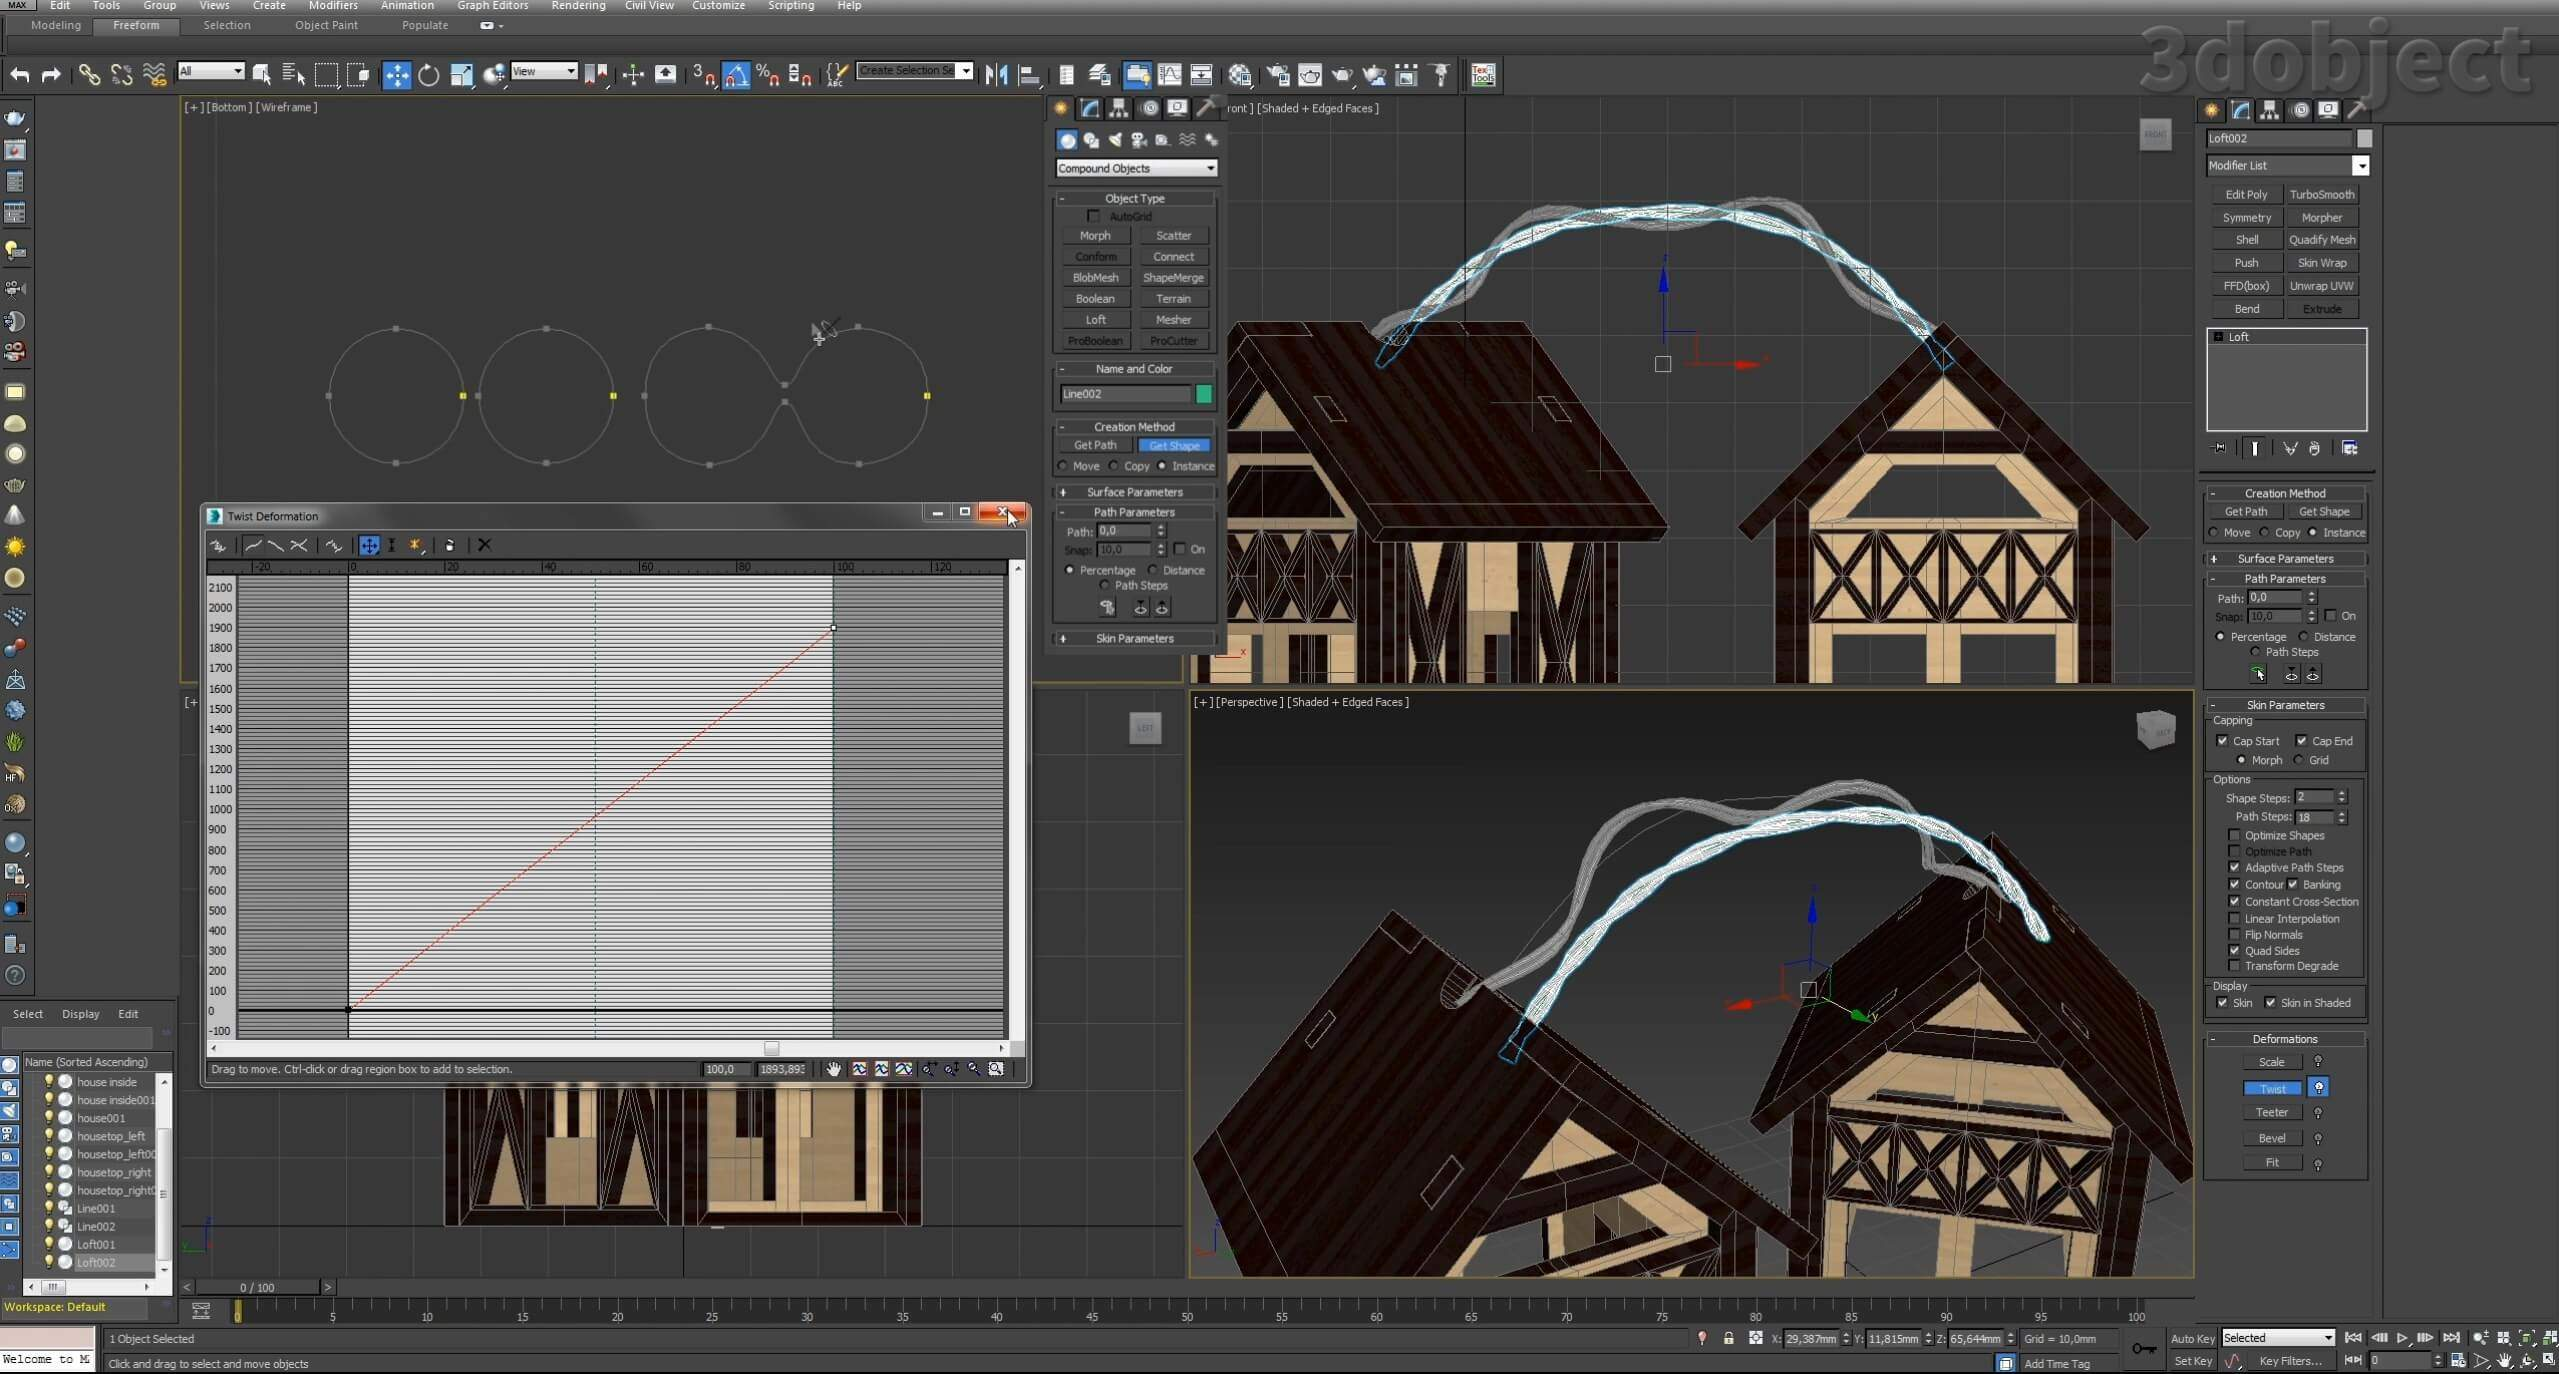 Моделирование домиков для гирлянды вы можете посмотреть в видео – Моделирование дома за 5 минут. В этом видео вы увидите, как смоделировать проводку для гирлянды из сплайнов с помощью модификатора Loft_1